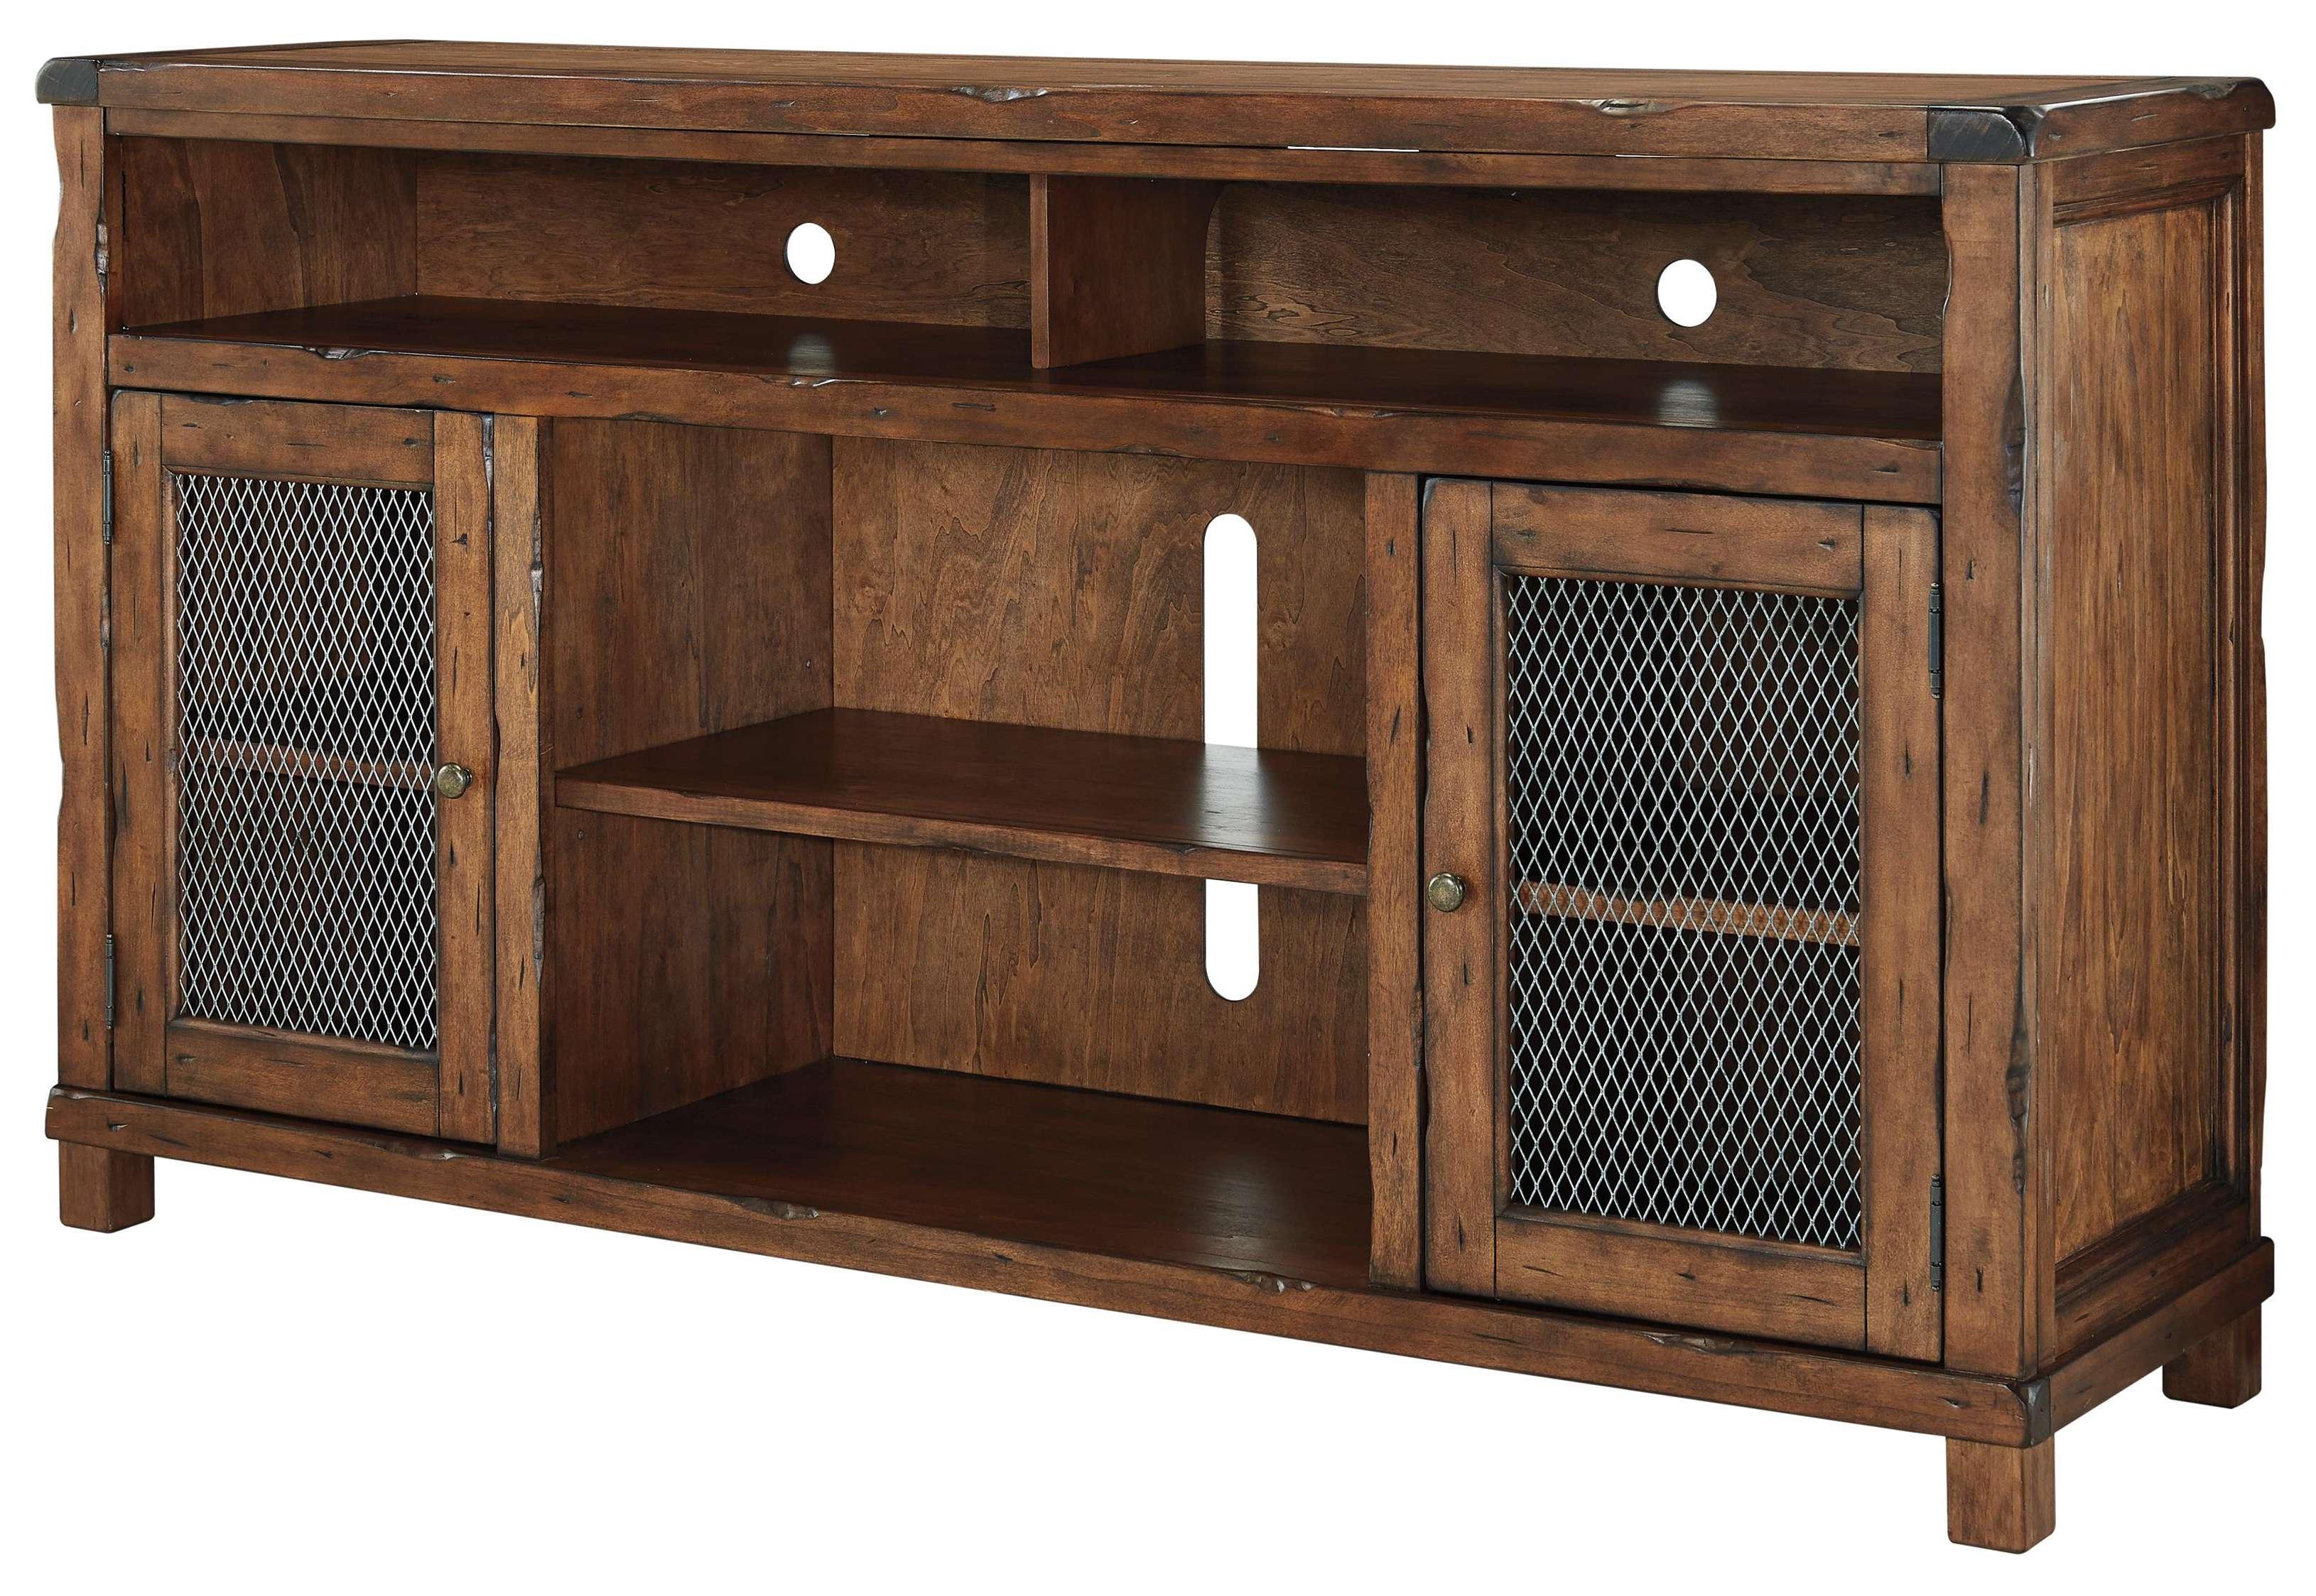 Rustic Mango Veneer Xl Tv Stand With Wire Mesh Doorssignature Regarding Rustic Furniture Tv Stands (View 6 of 20)